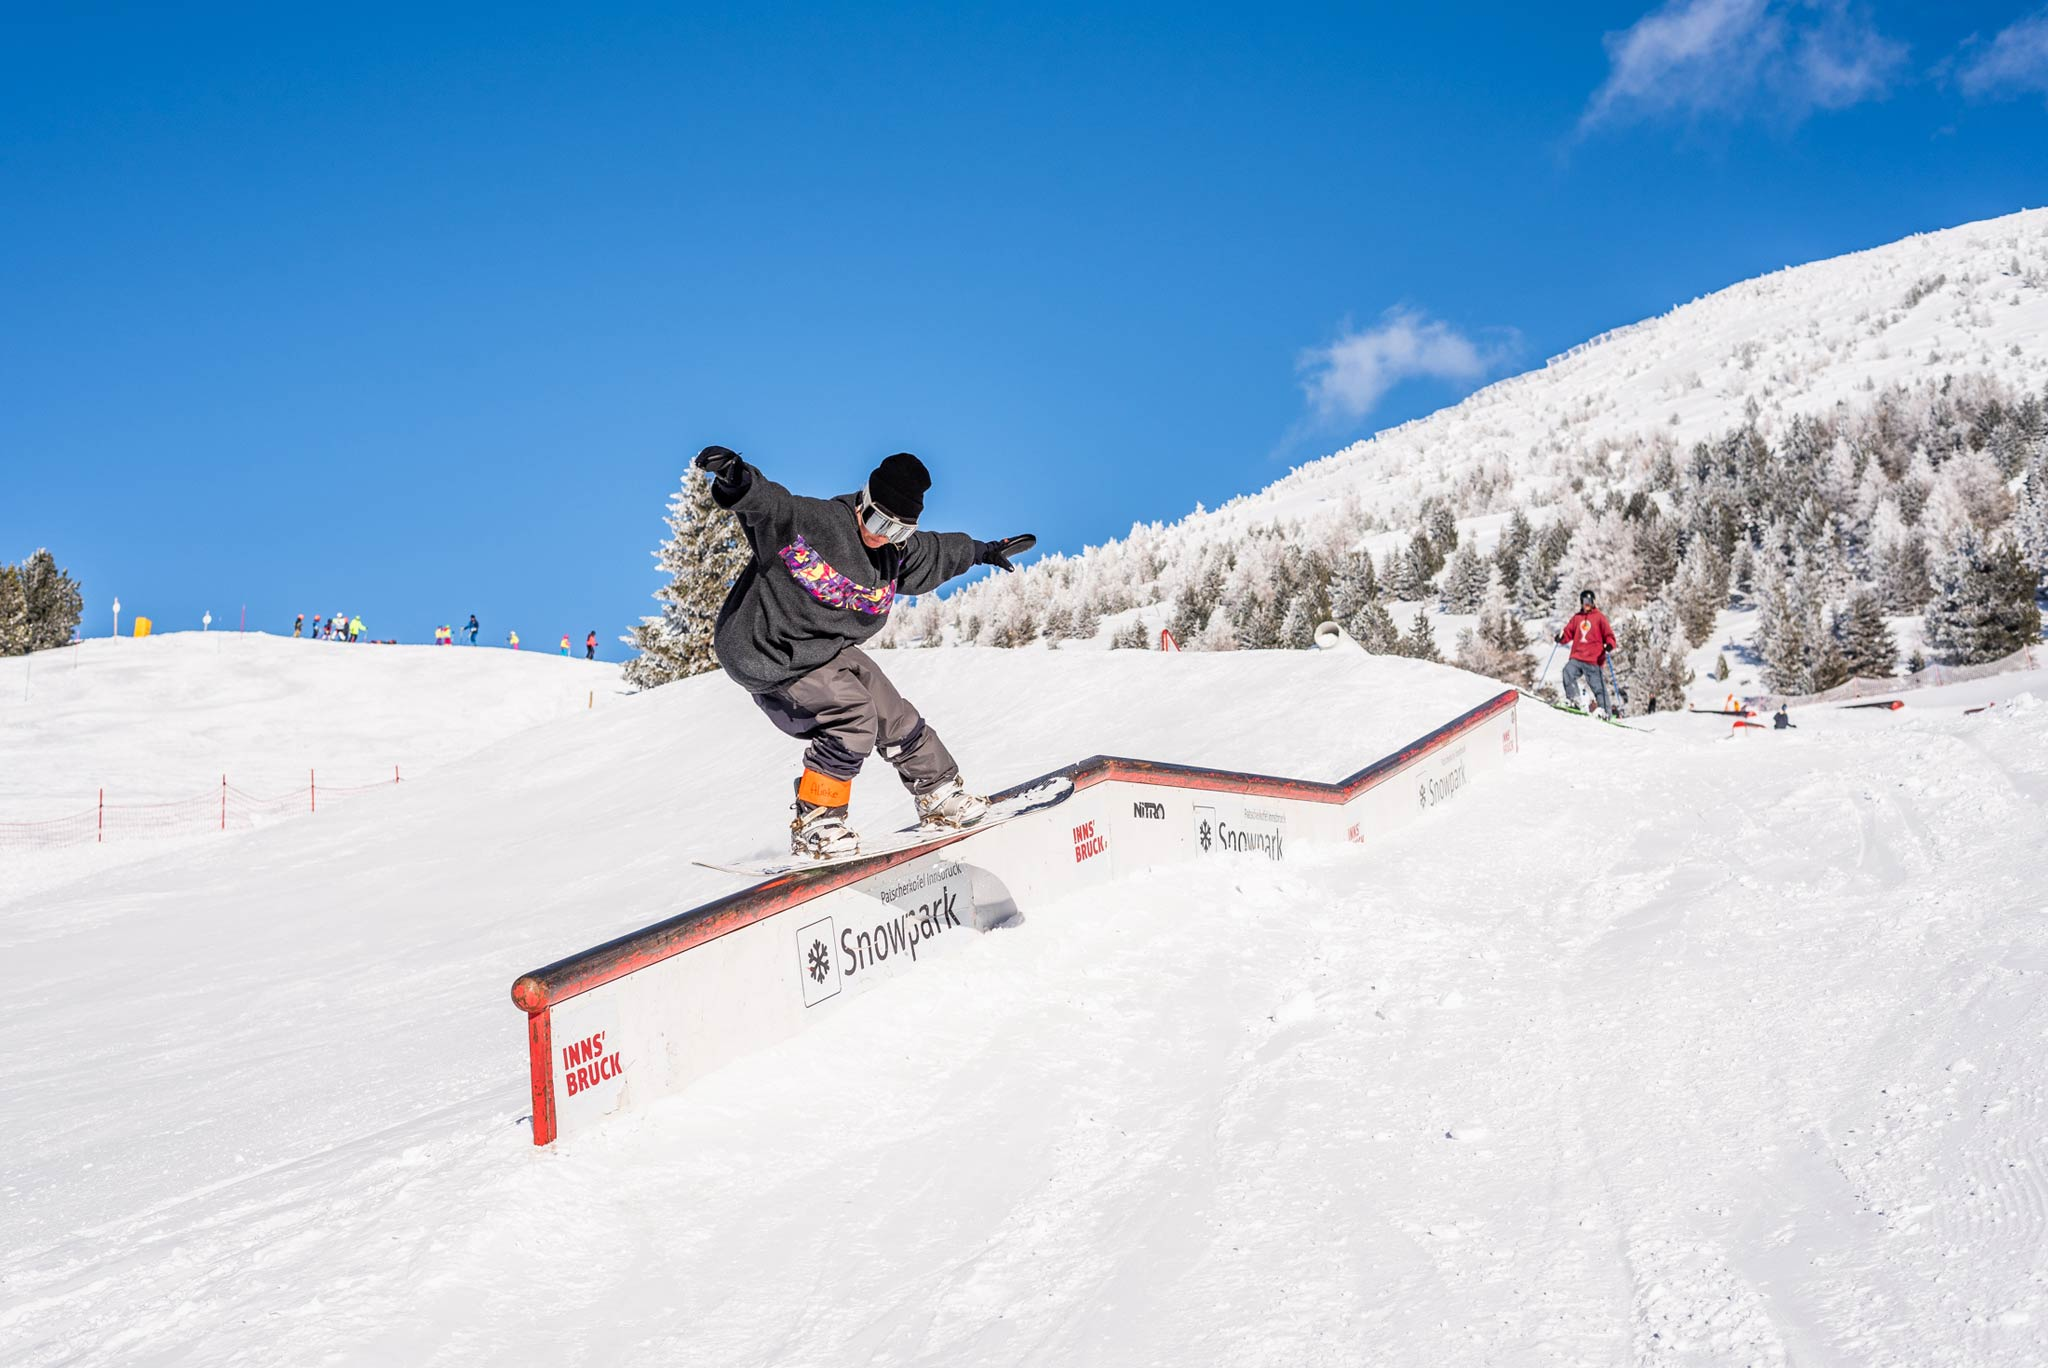 Die Slay Days sind für alle Freestyle begeisterten Frauen gedacht - egal ob Snowboard oder Ski - Rider: Alieke - Foto: Miriam Lottes